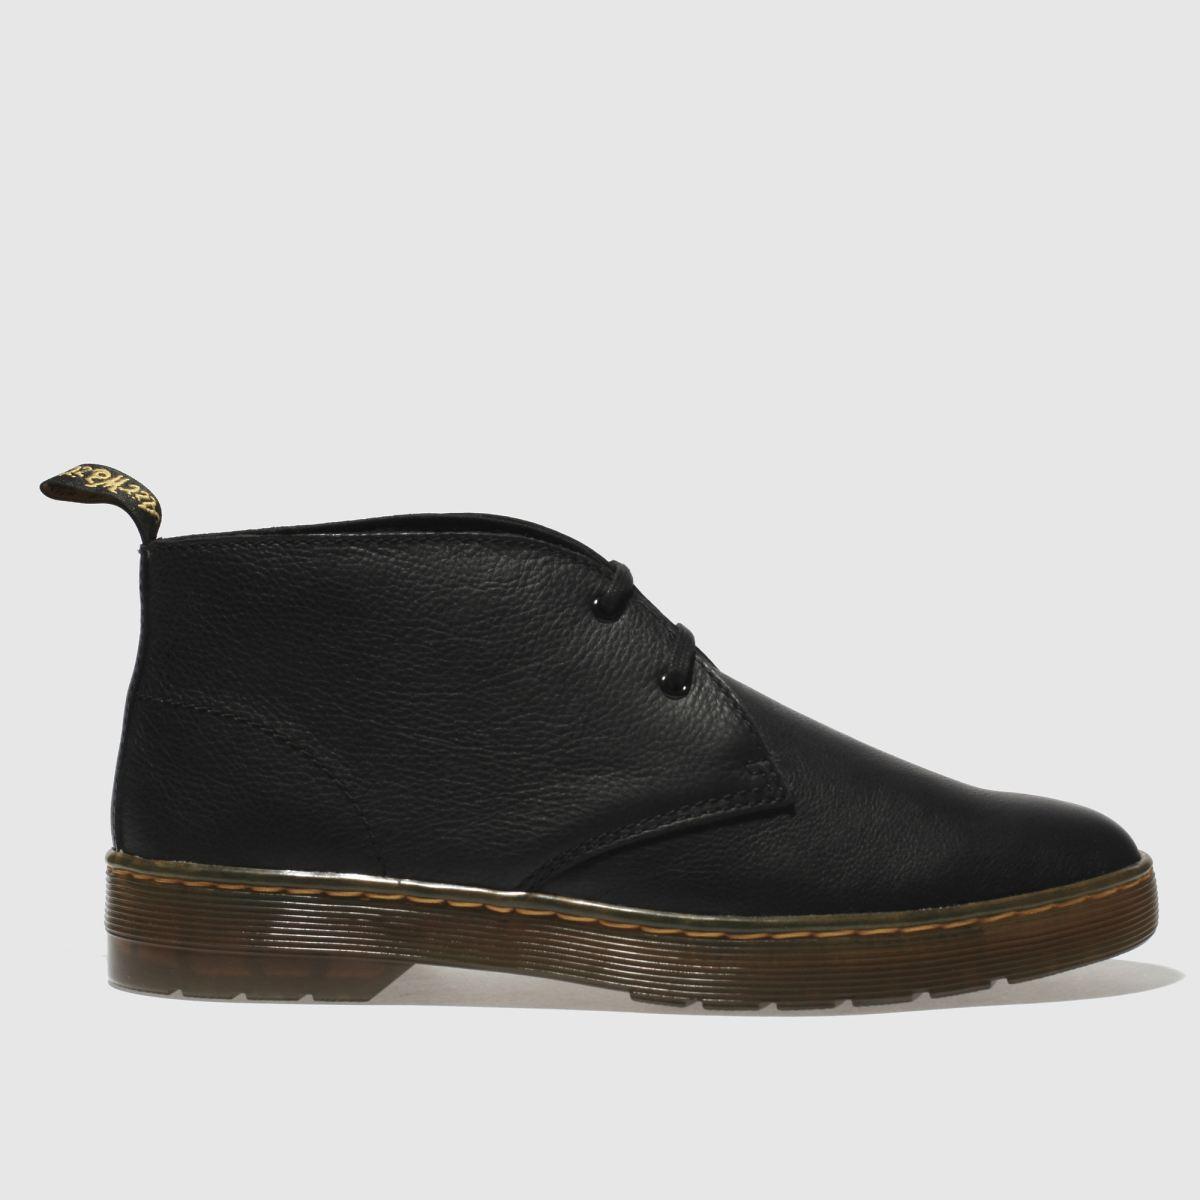 Dr Martens Black Daytona Desert Boots